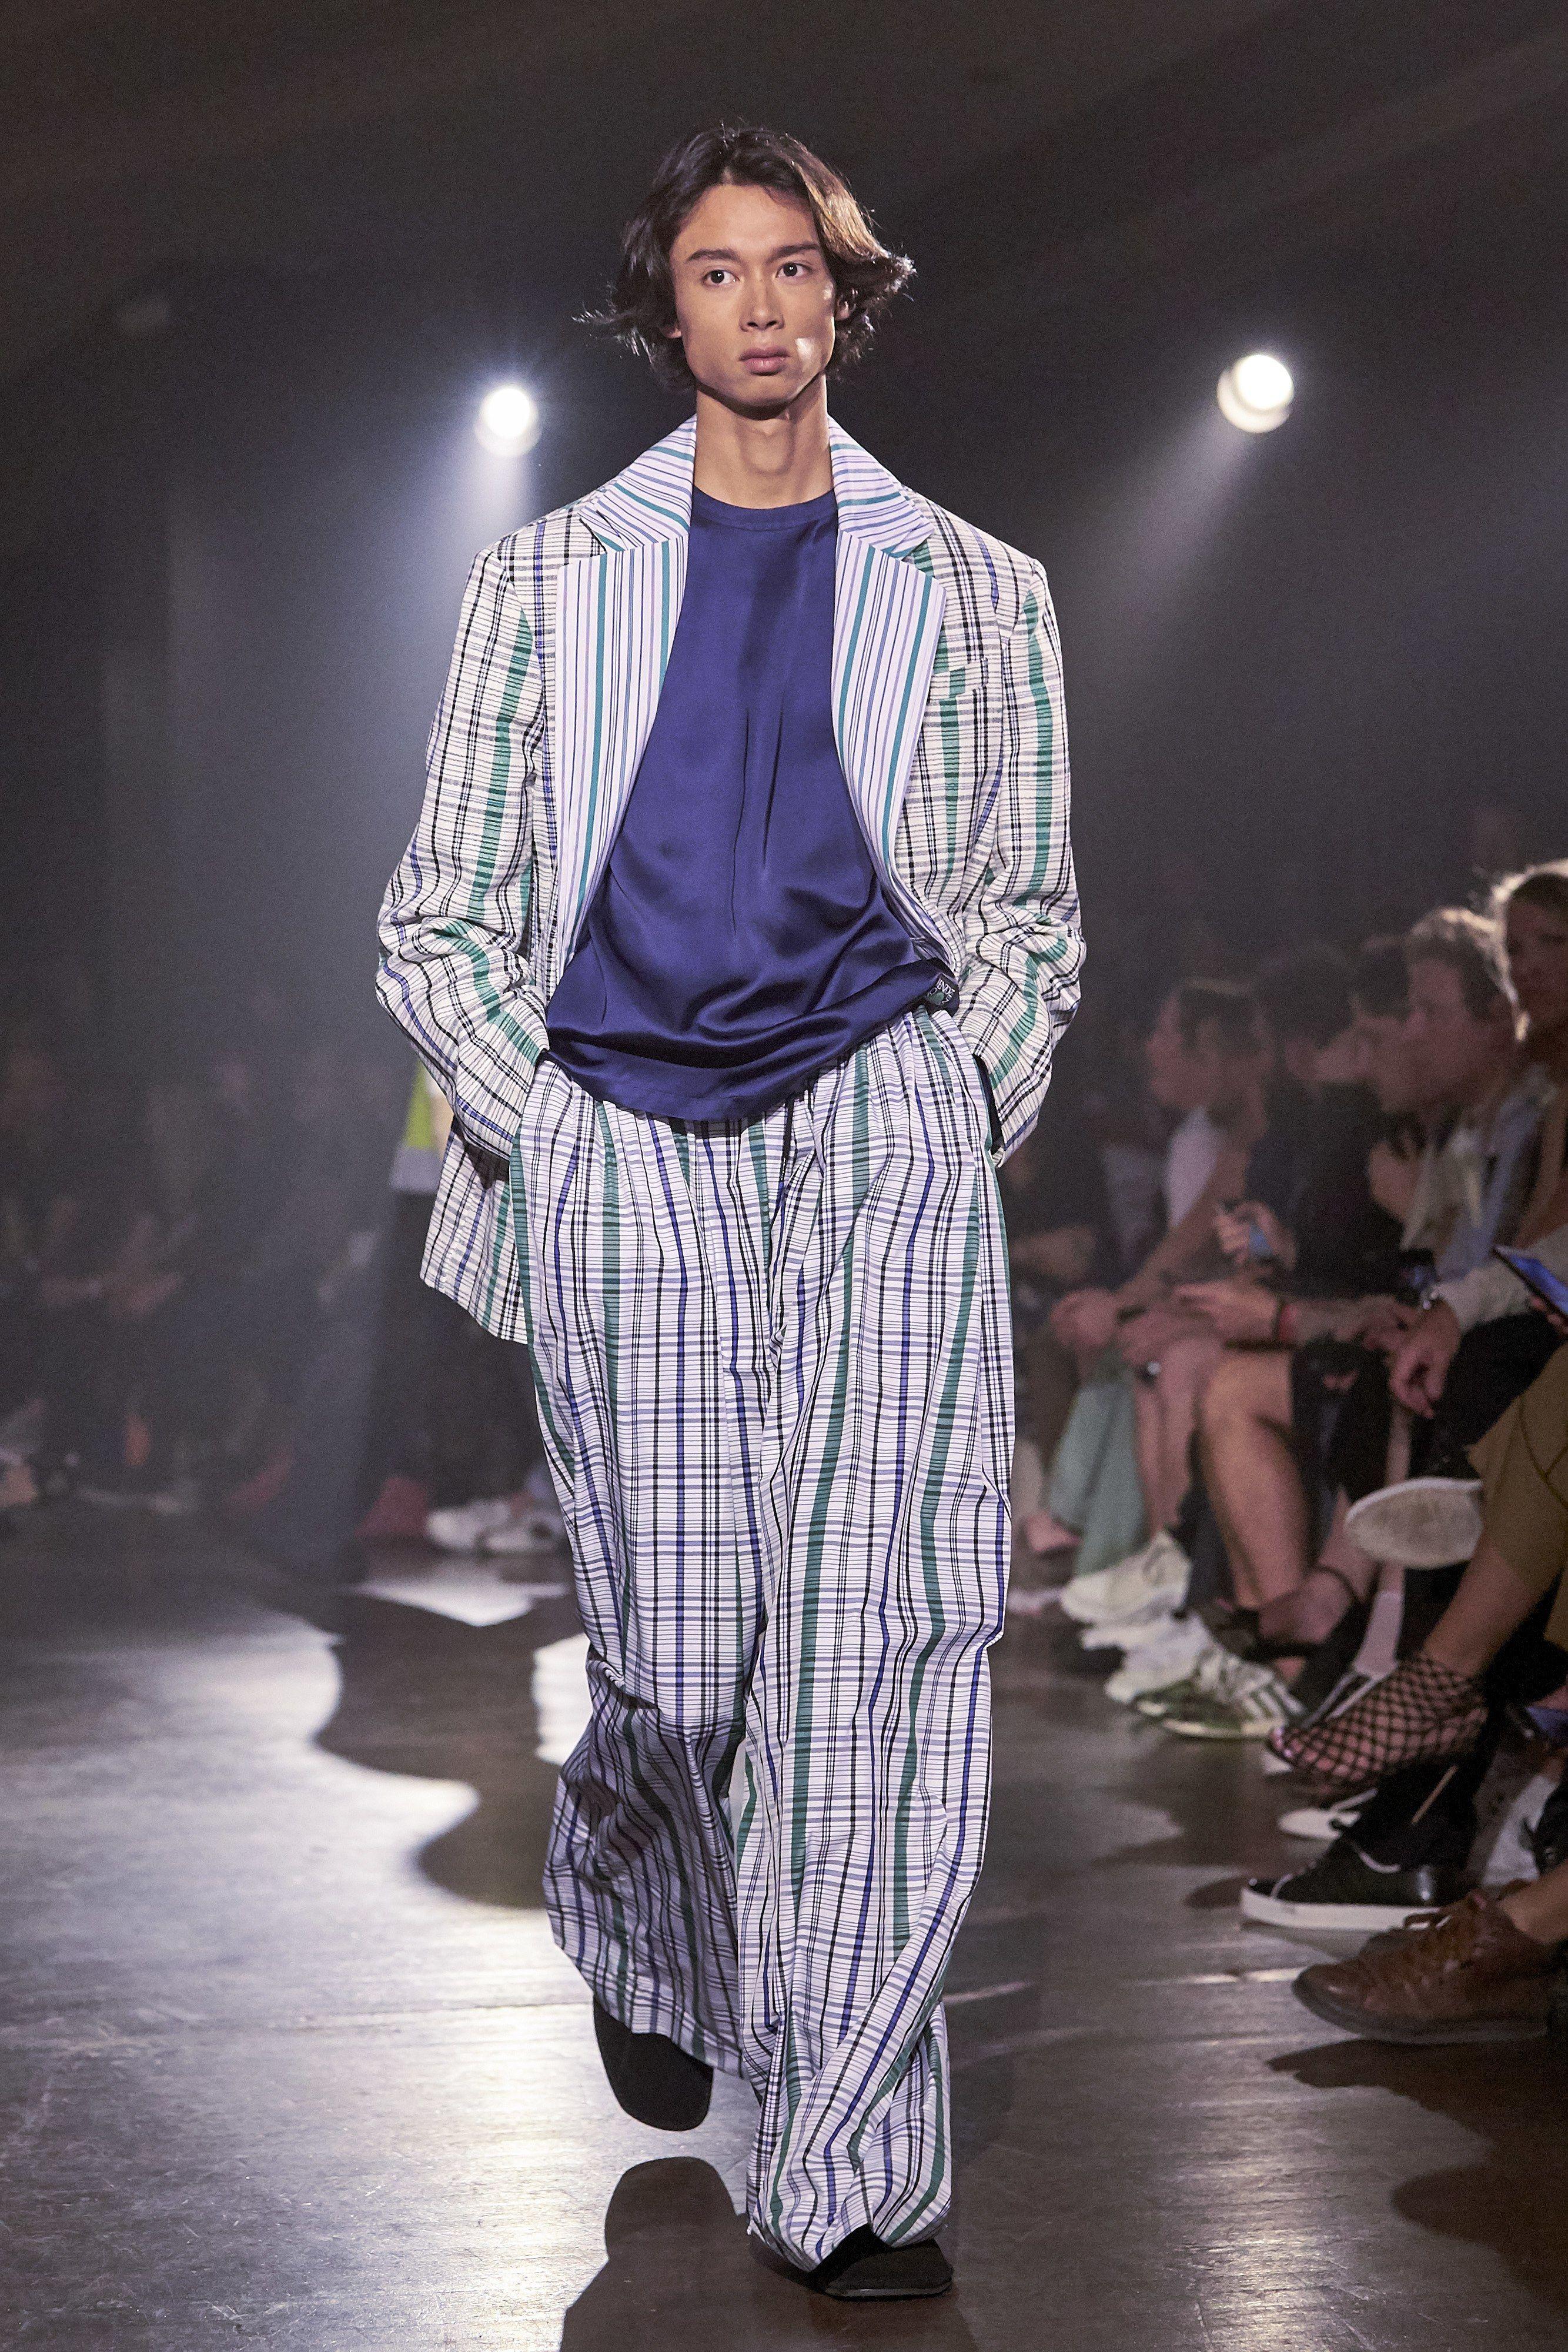 73319559b Kenzo Spring 2019 Menswear Fashion Show in 2019 | △ w a r r e n + ...